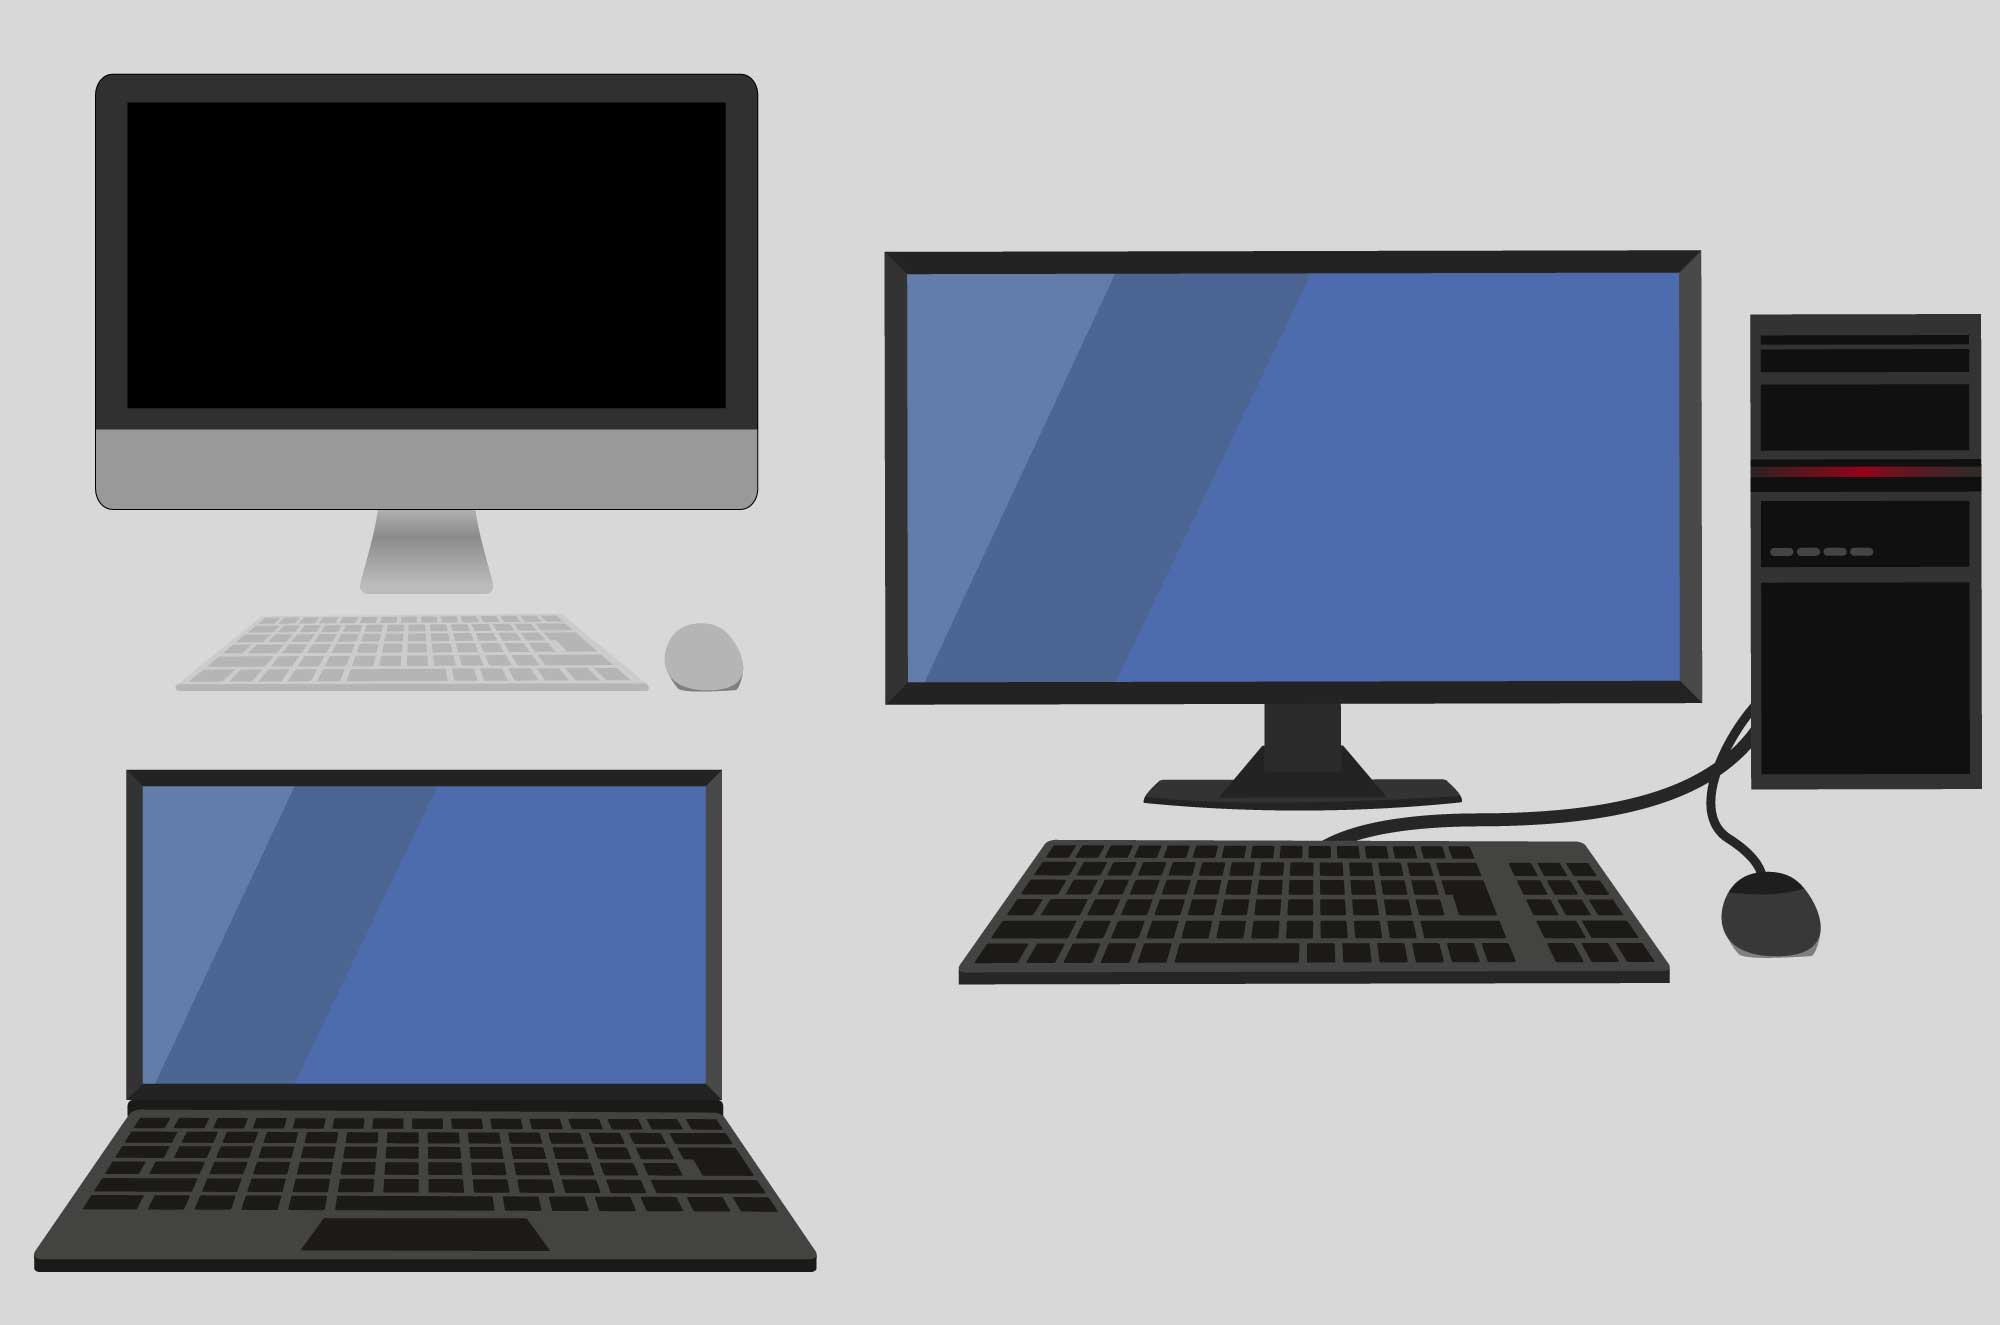 パソコンの無料イラスト - ディスクトップとノート